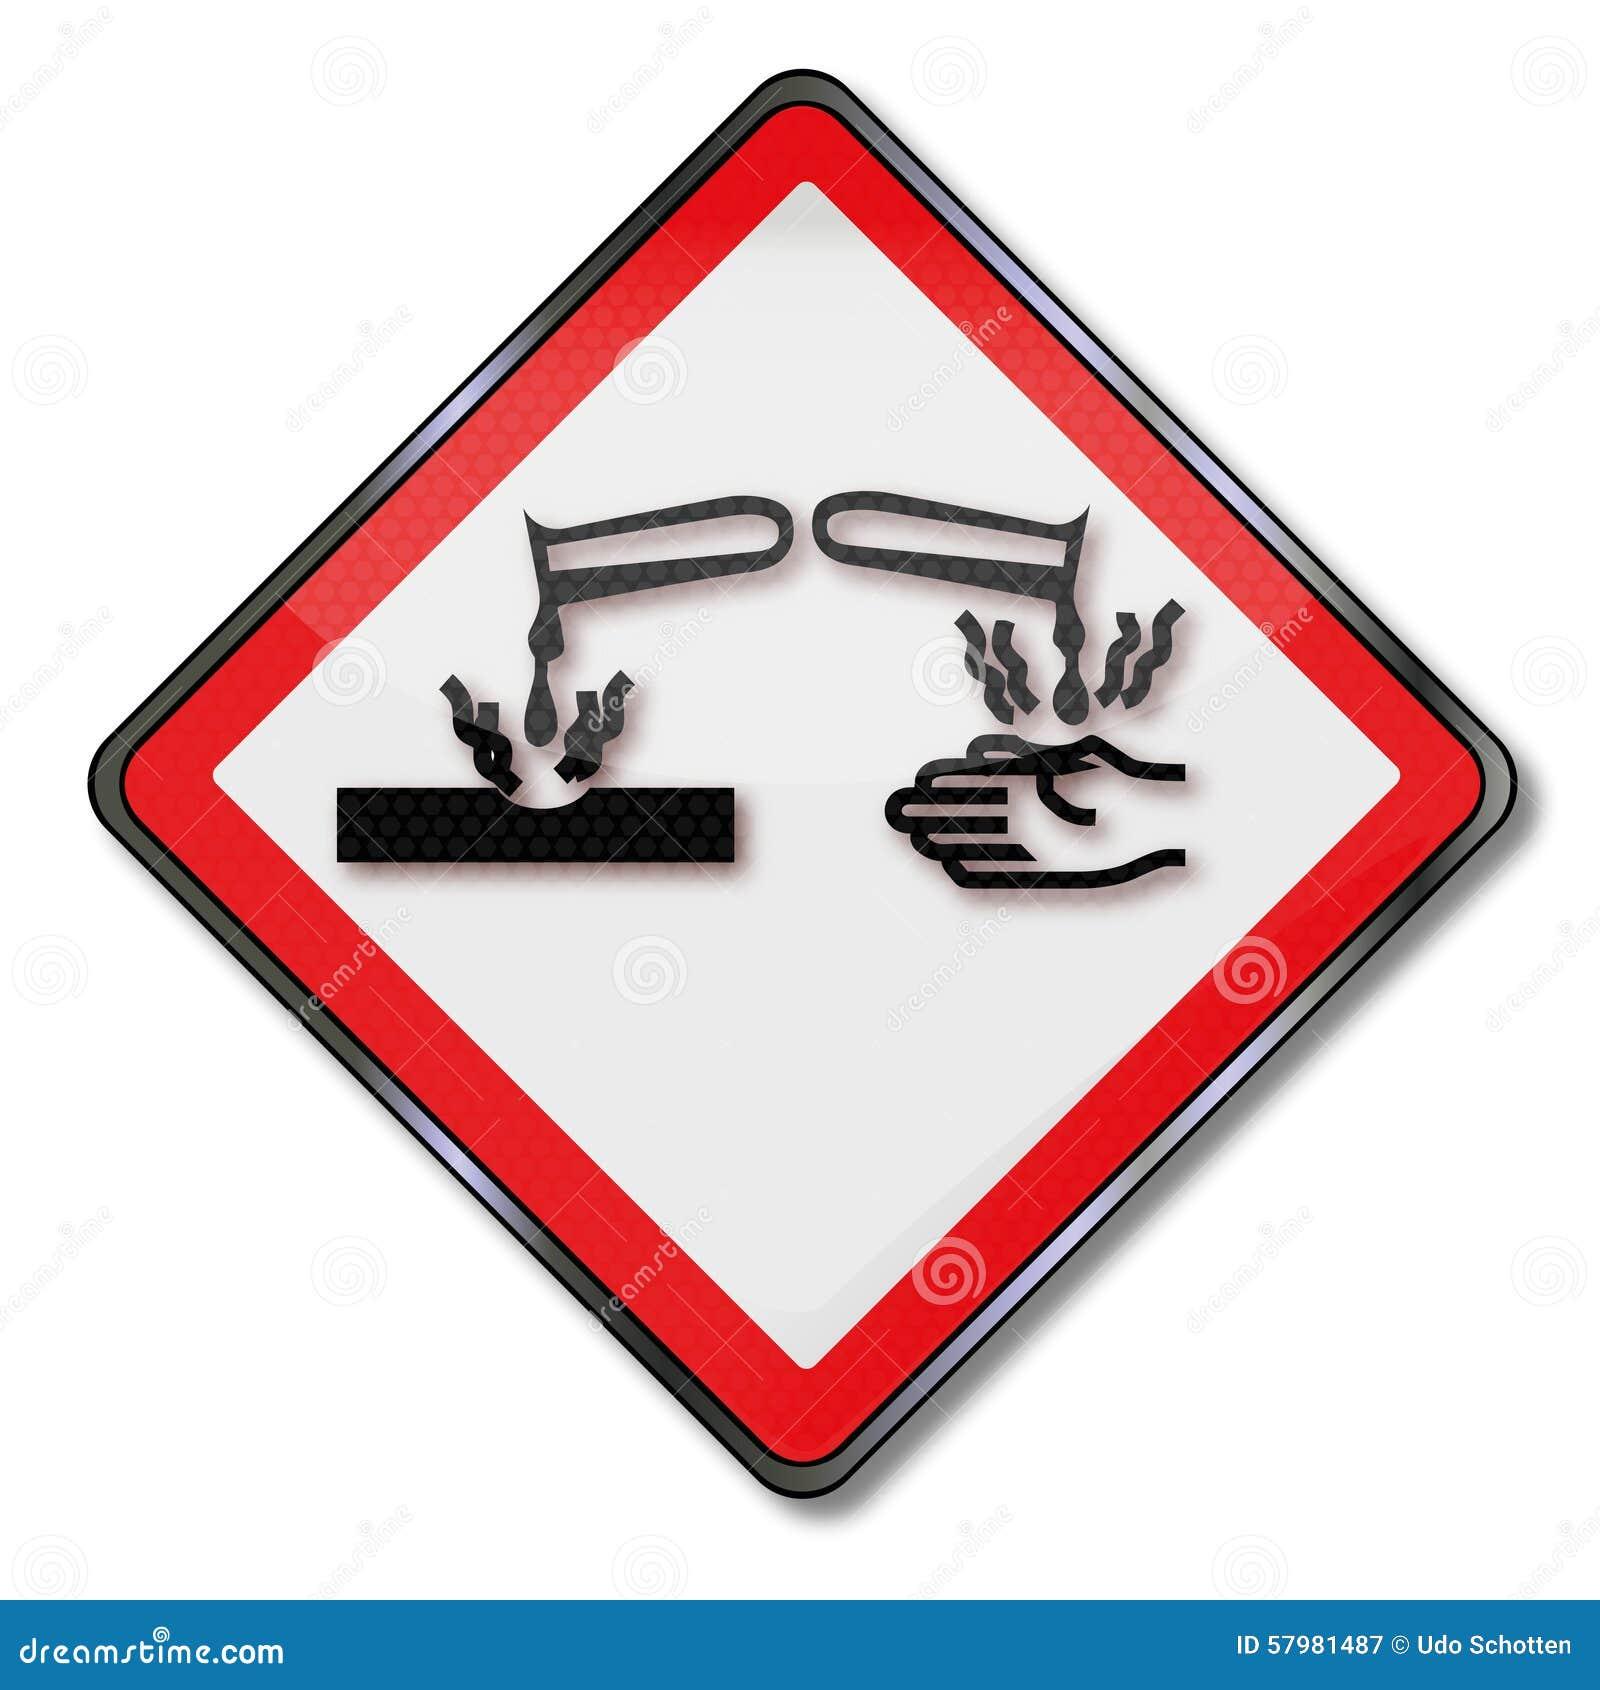 Опасность ушиба и повреждения к металлу кислотой